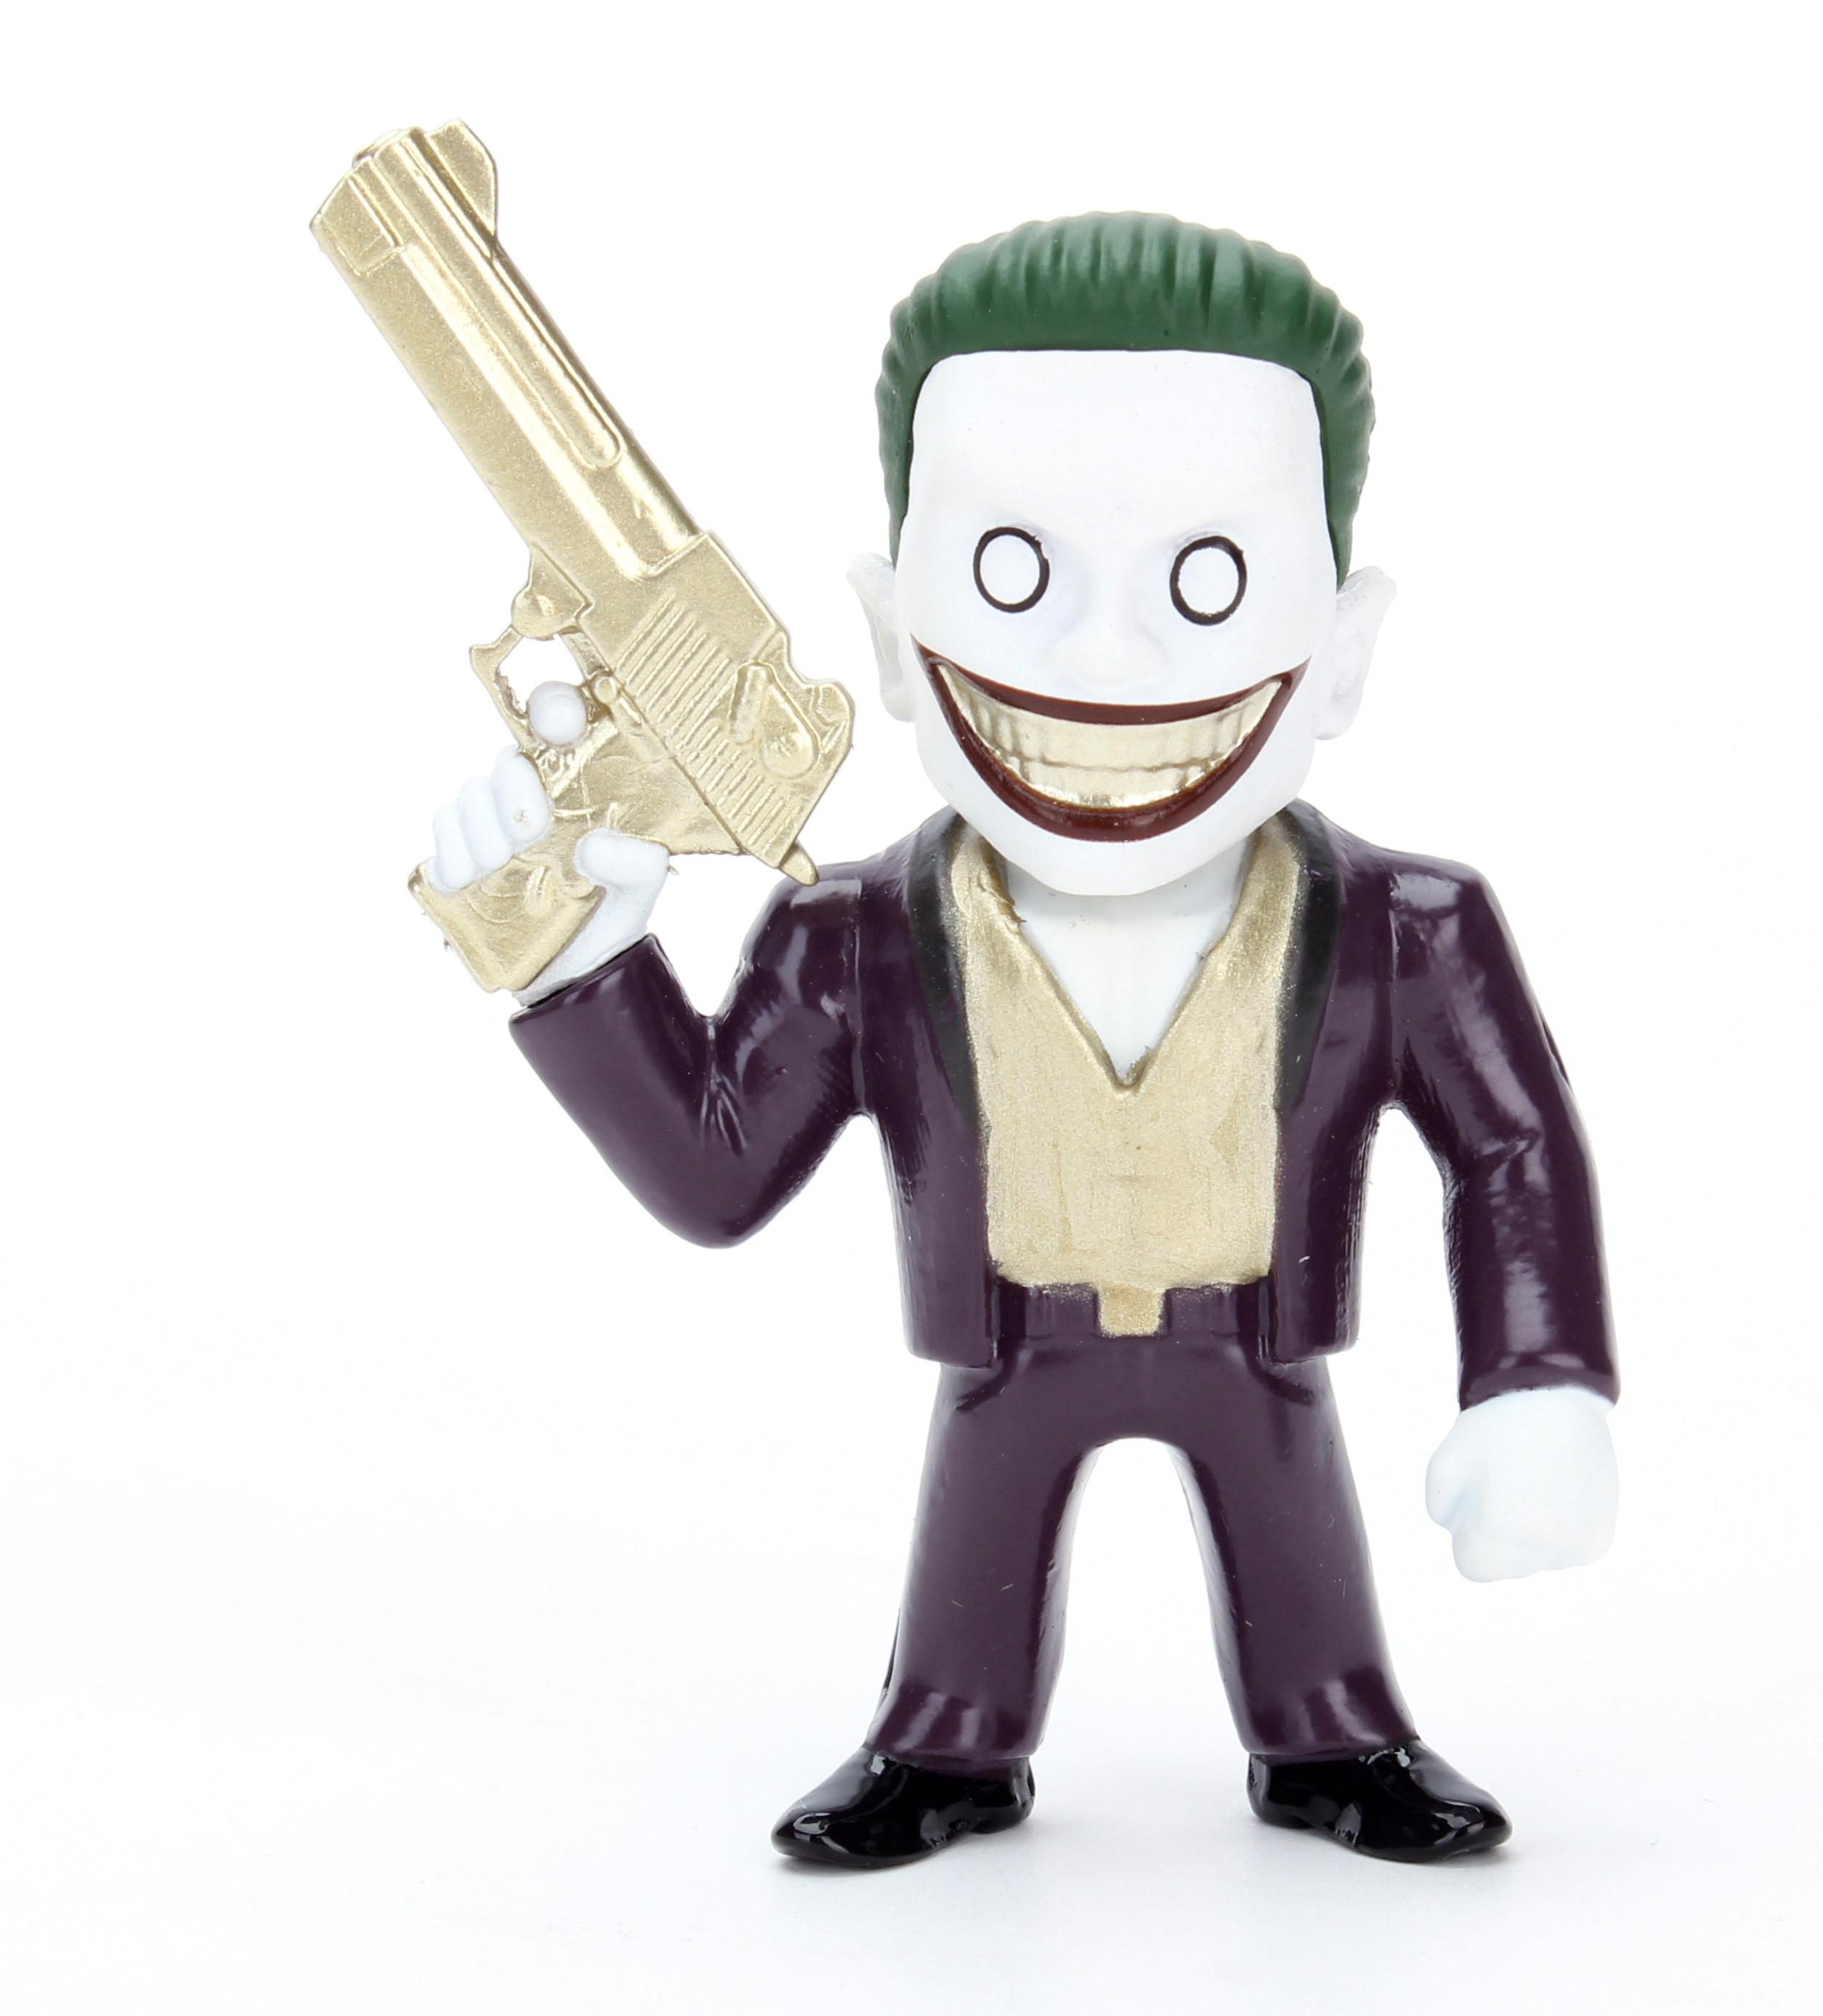 Коллекционная металлическая фигурка DC Comics: Джокер – Отряд Самоубийц – Suicide Squad Joker Boss Alternate Version (6 см)Представляем вашему вниманию коллекционную металлическую фигурку Джокер: Отряд Самоубийц – Suicide Squad Joker Boss Alternate Version, созданную по мотивам супергеройского боевика режиссёра Дэвида Эйера, который является экранизацией одноимённых комиксов издательства DC Comics.<br>